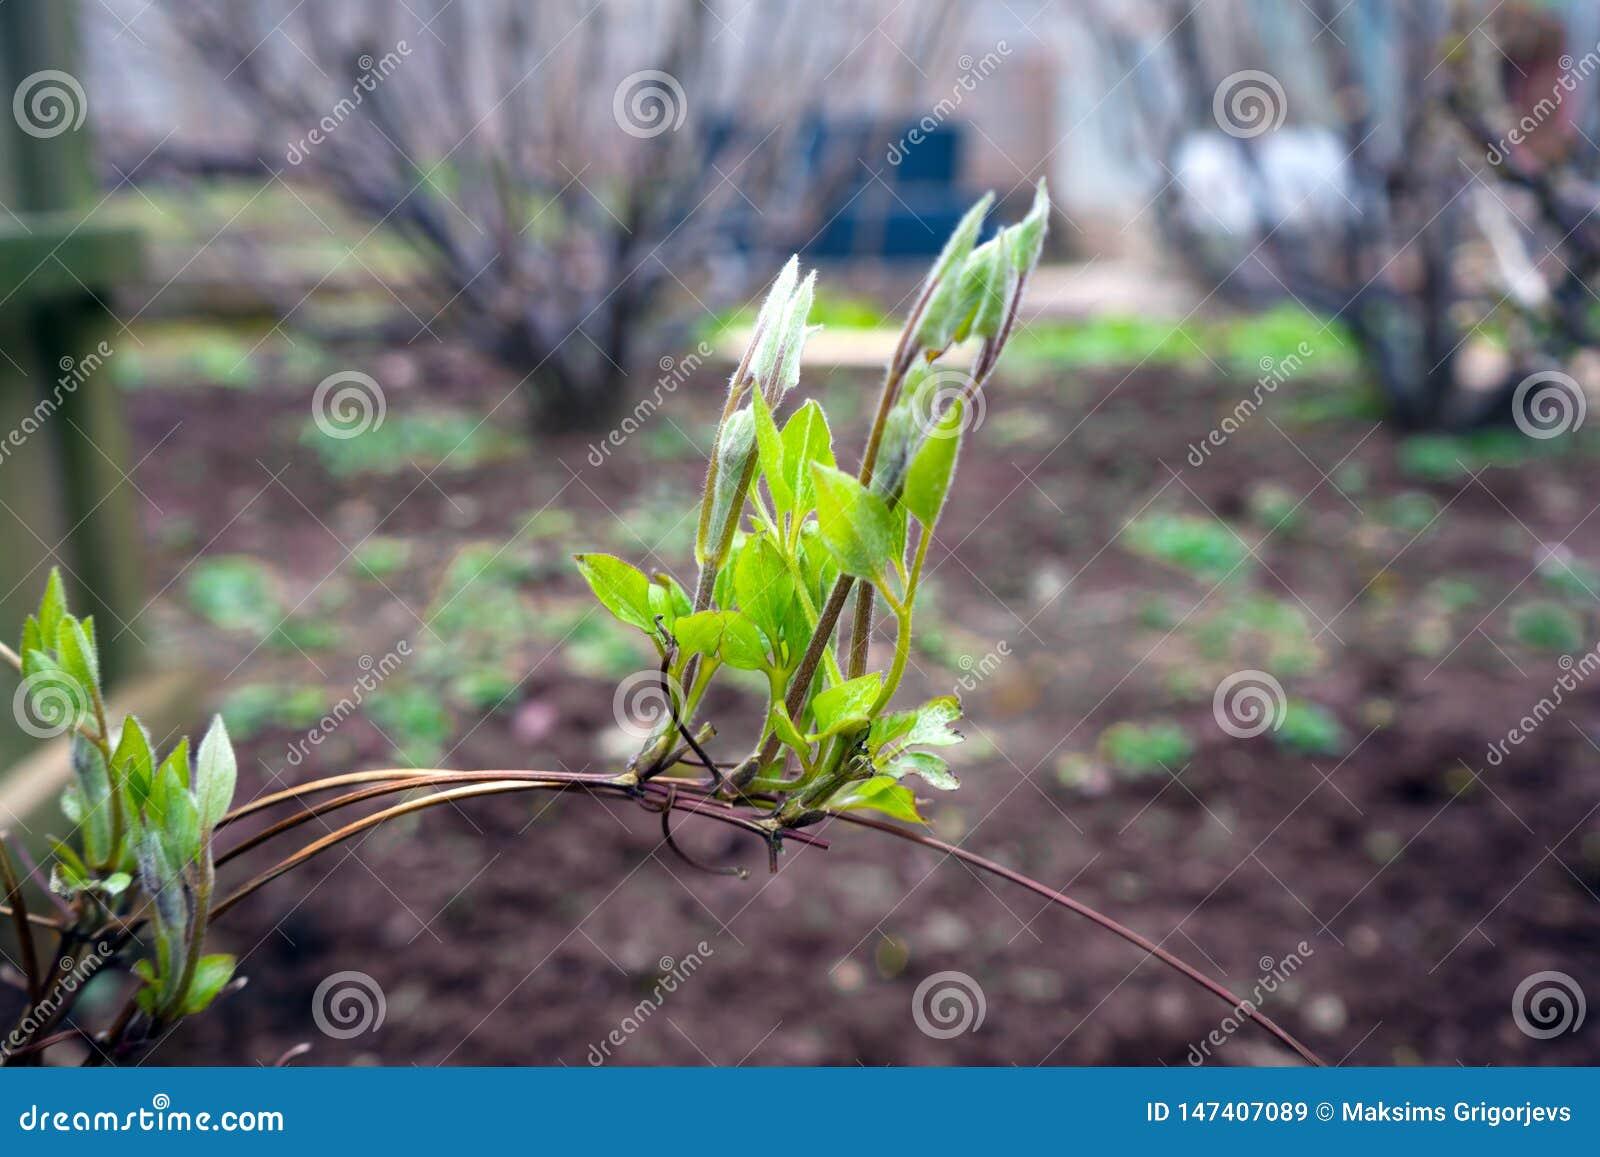 Lanzamientos jovenes de clemátides en jardín verde